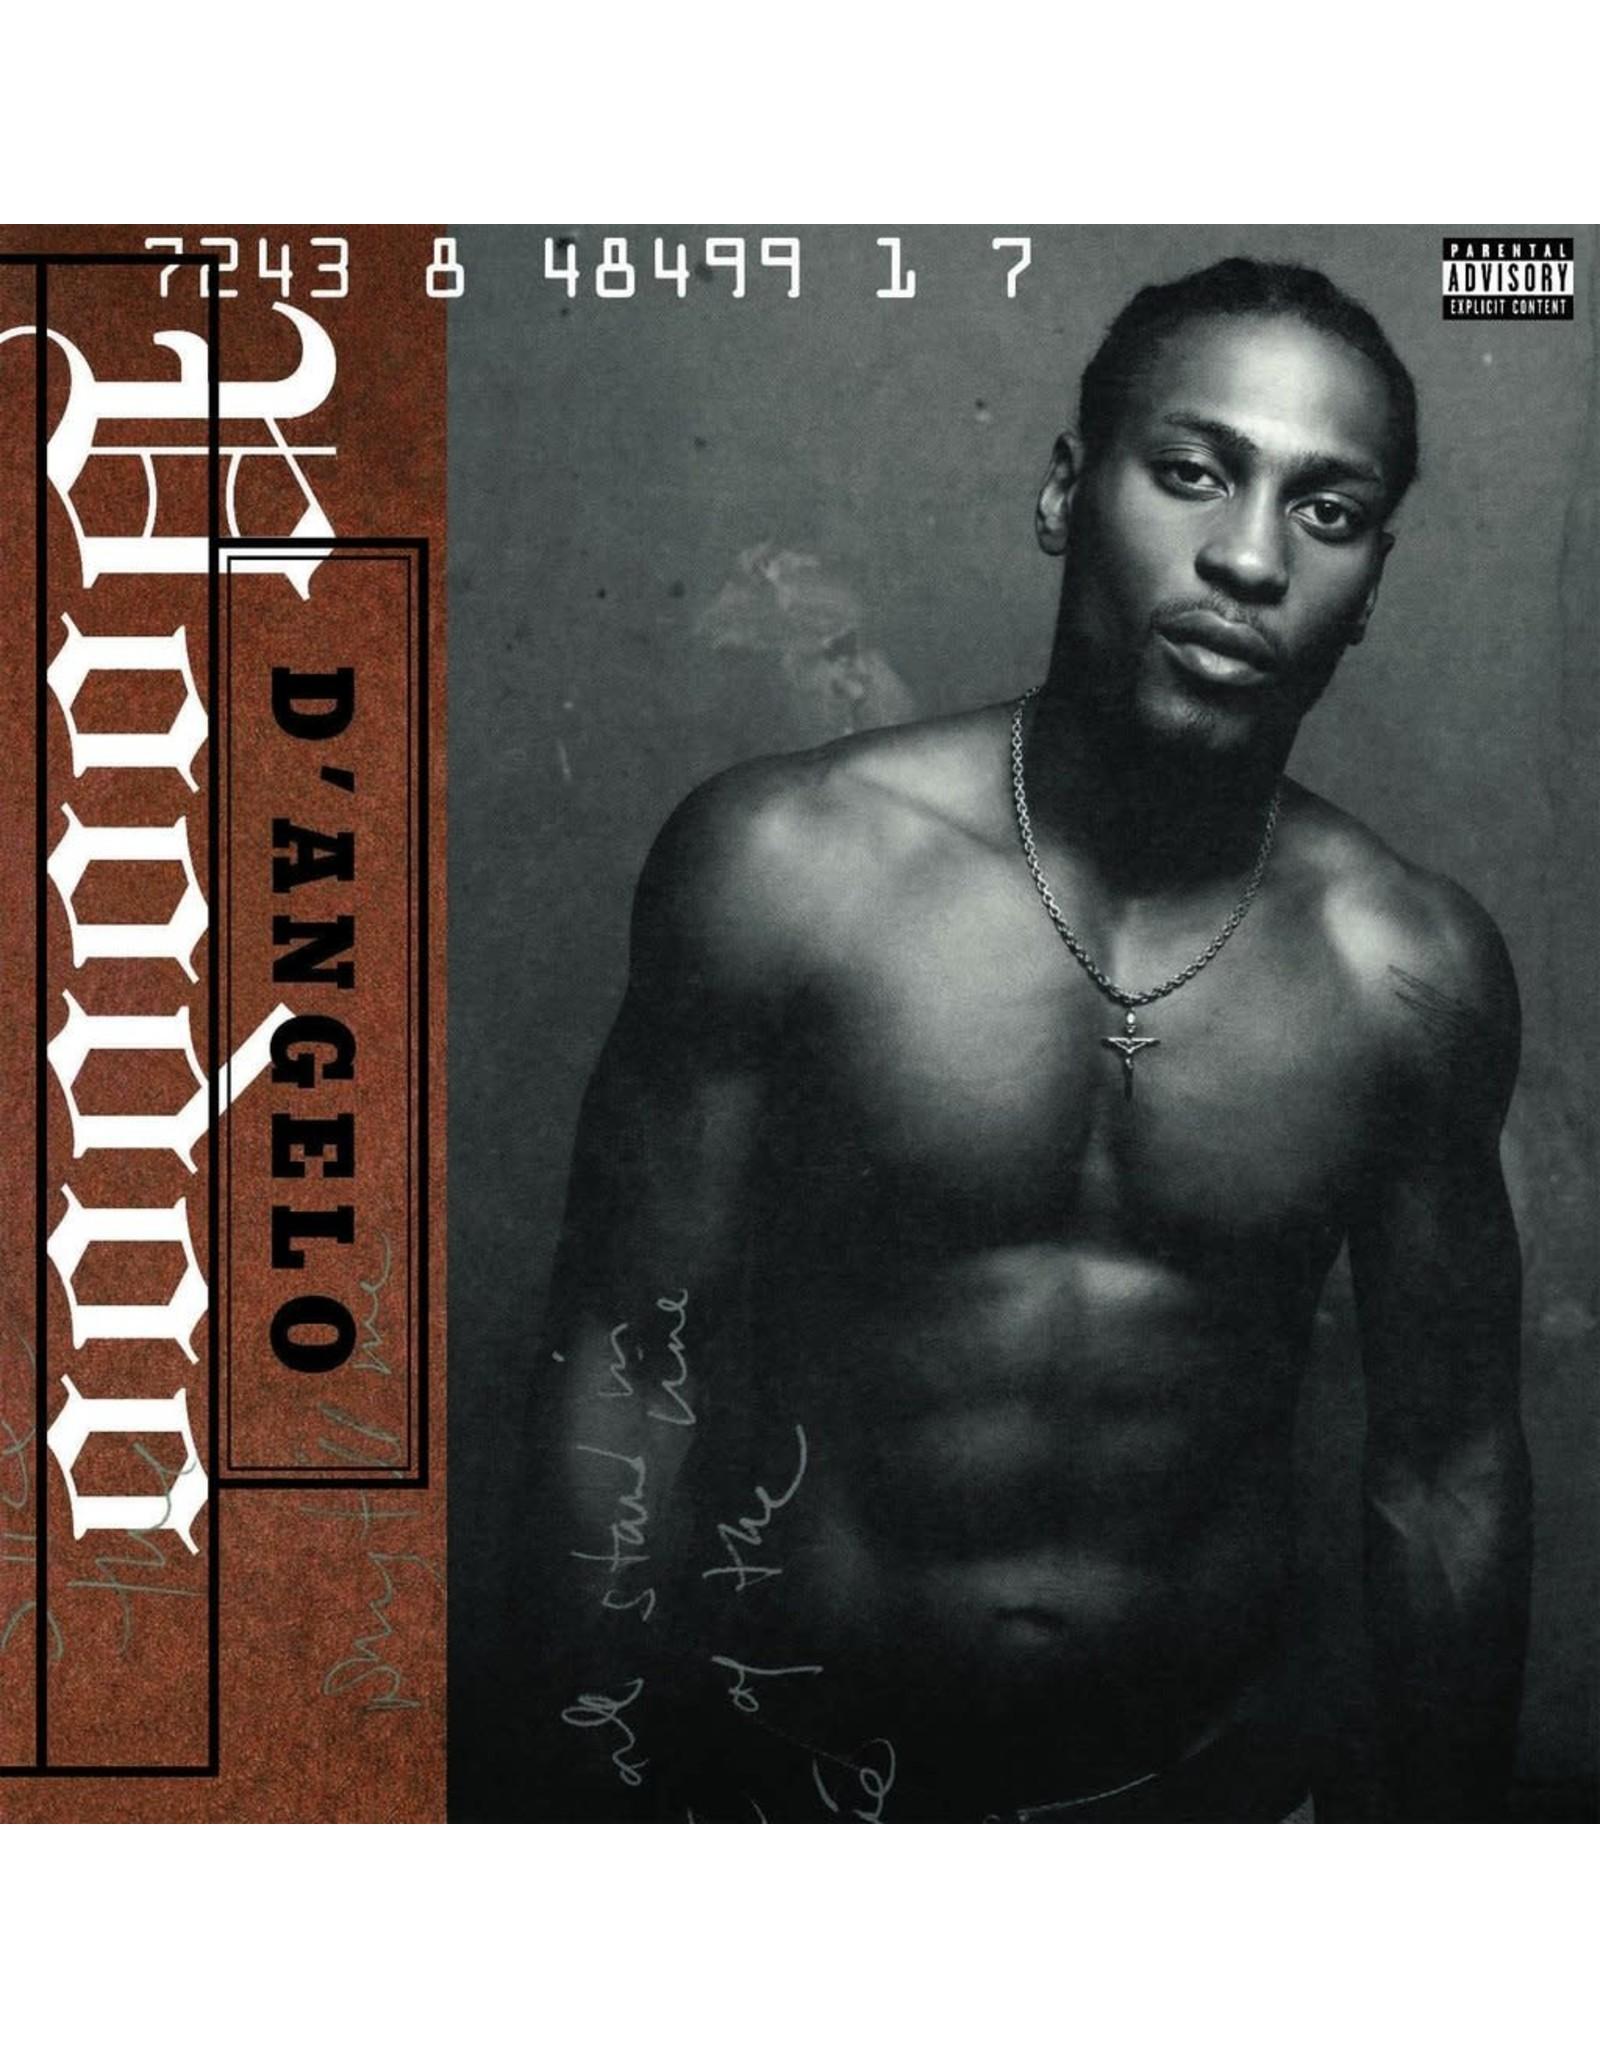 D'Angelo - Voodoo